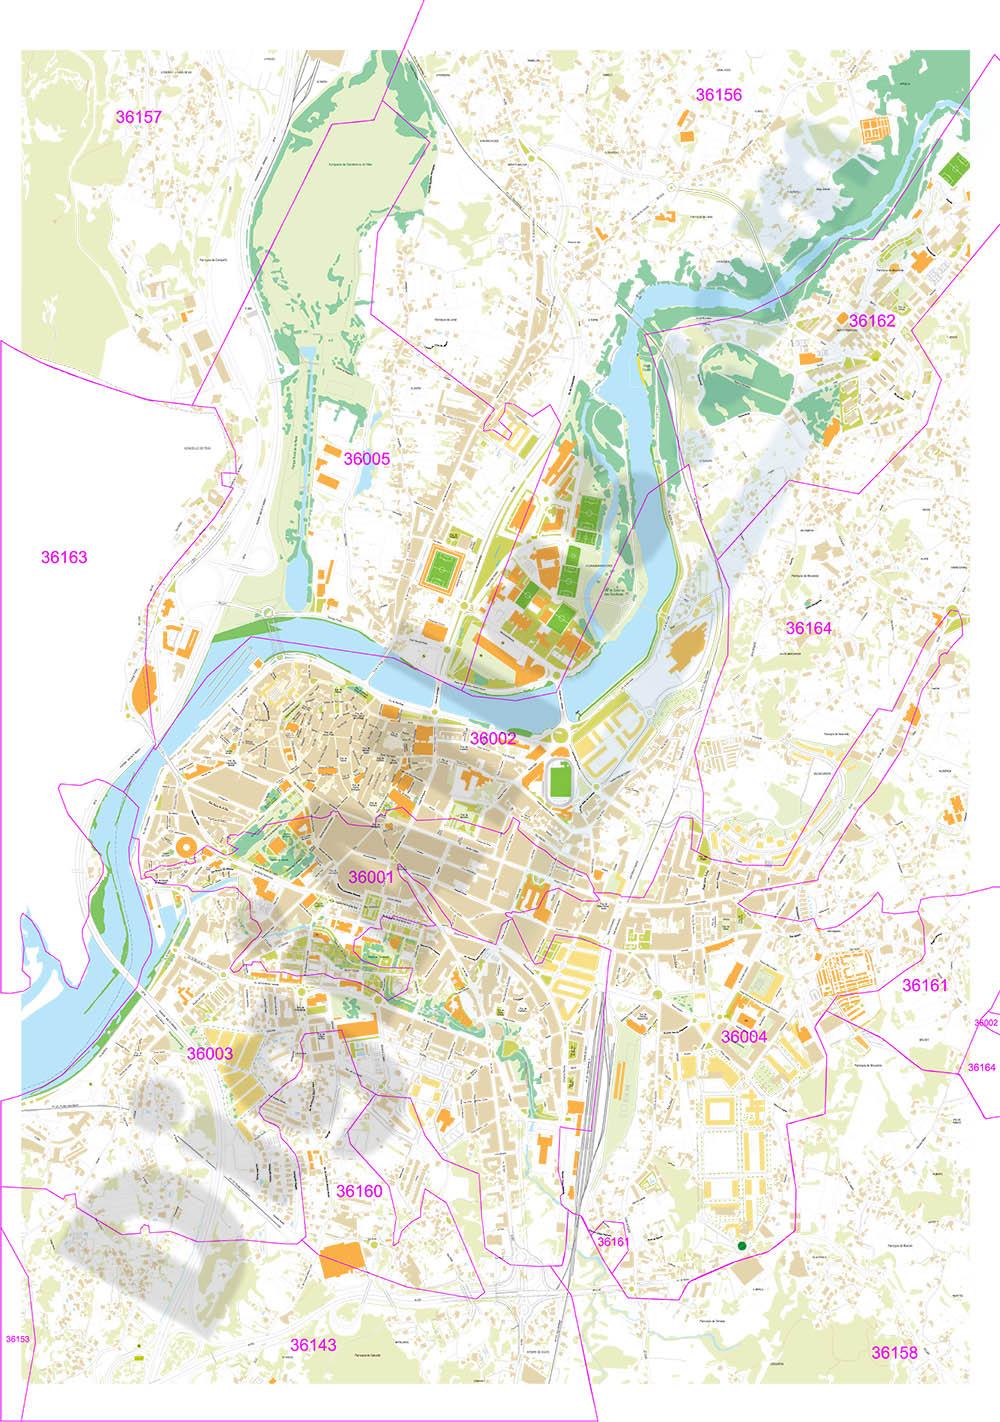 Pontevedra - Plano de la ciudad con códigos postales